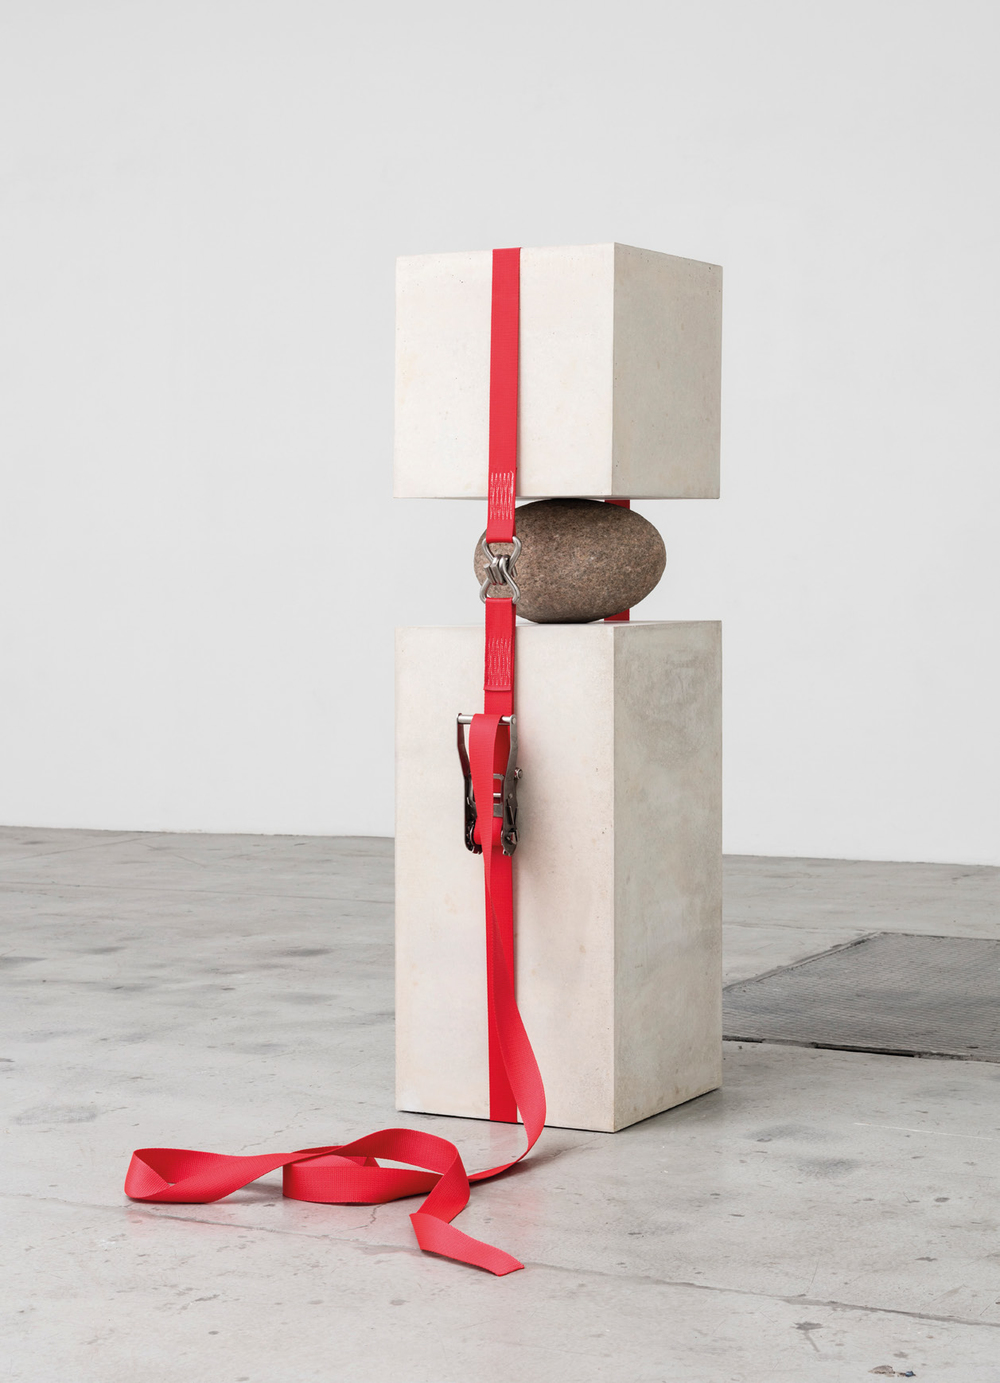 Joint Effort, 2015, Concreto piedra y cincho de carga, 141 x 40 x 45, Vista de instalación de la exposición A Line Written on Every Corner, 2015, galería Nicolai Wallner